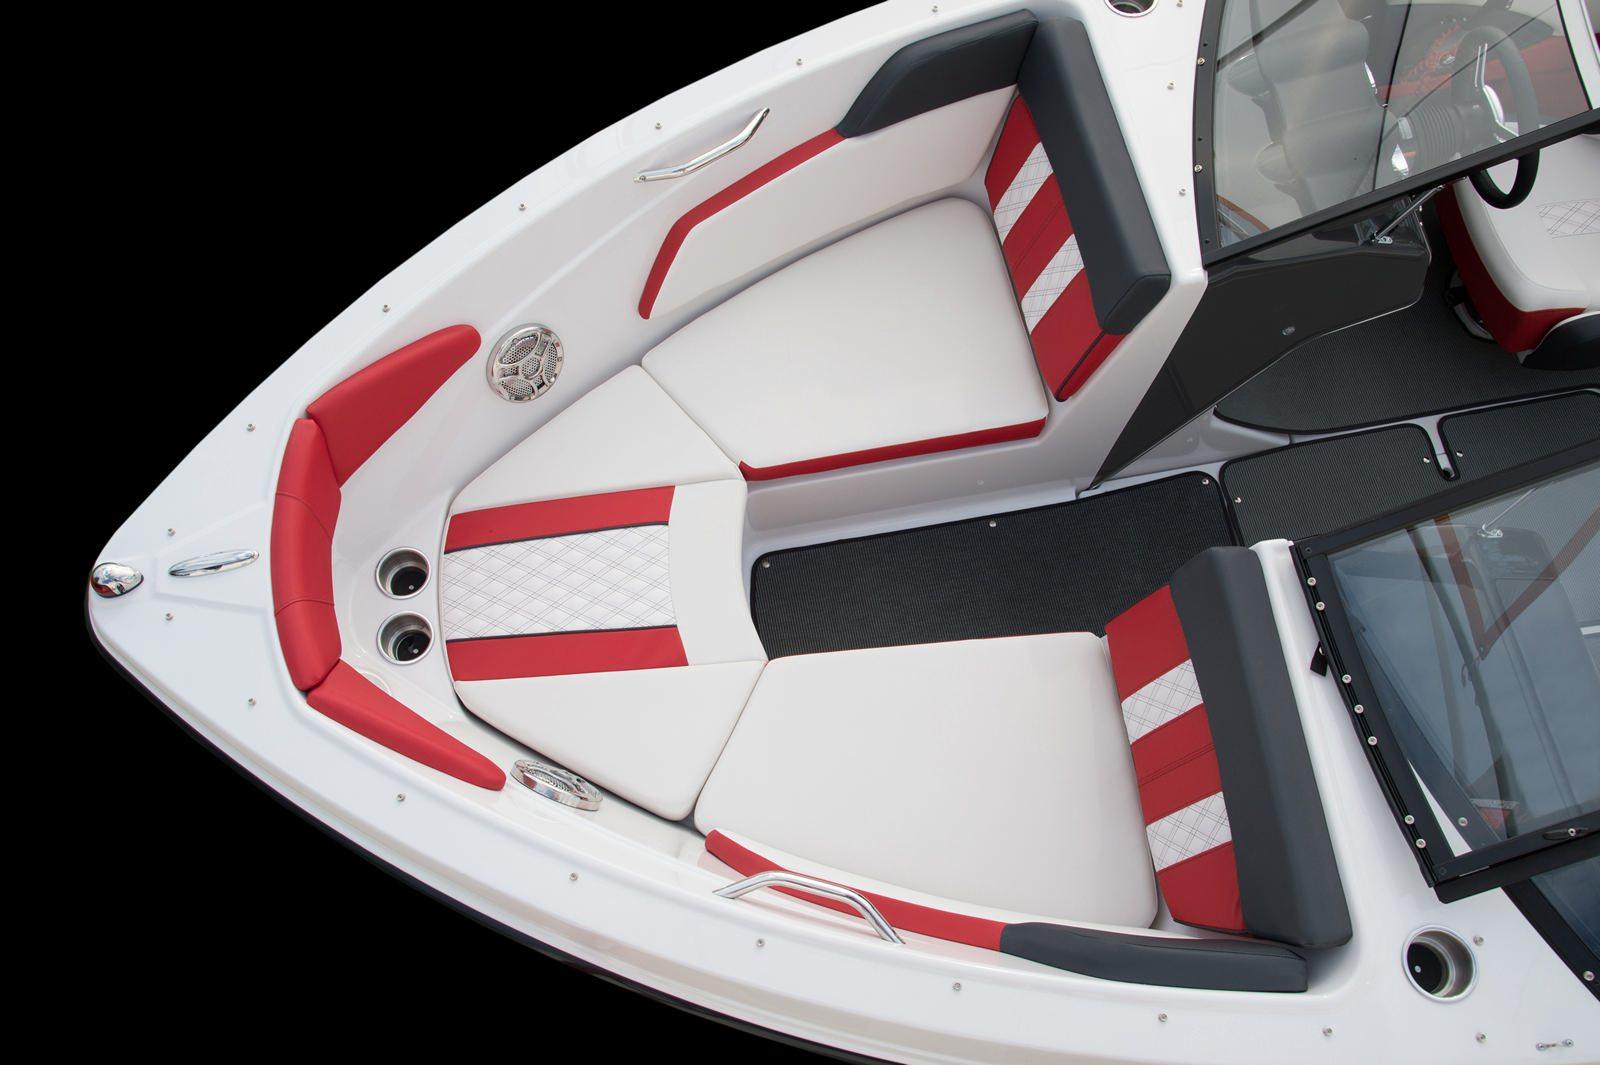 סירת ספורט Glastron 200 GT/GTS - סטרים יאכטות